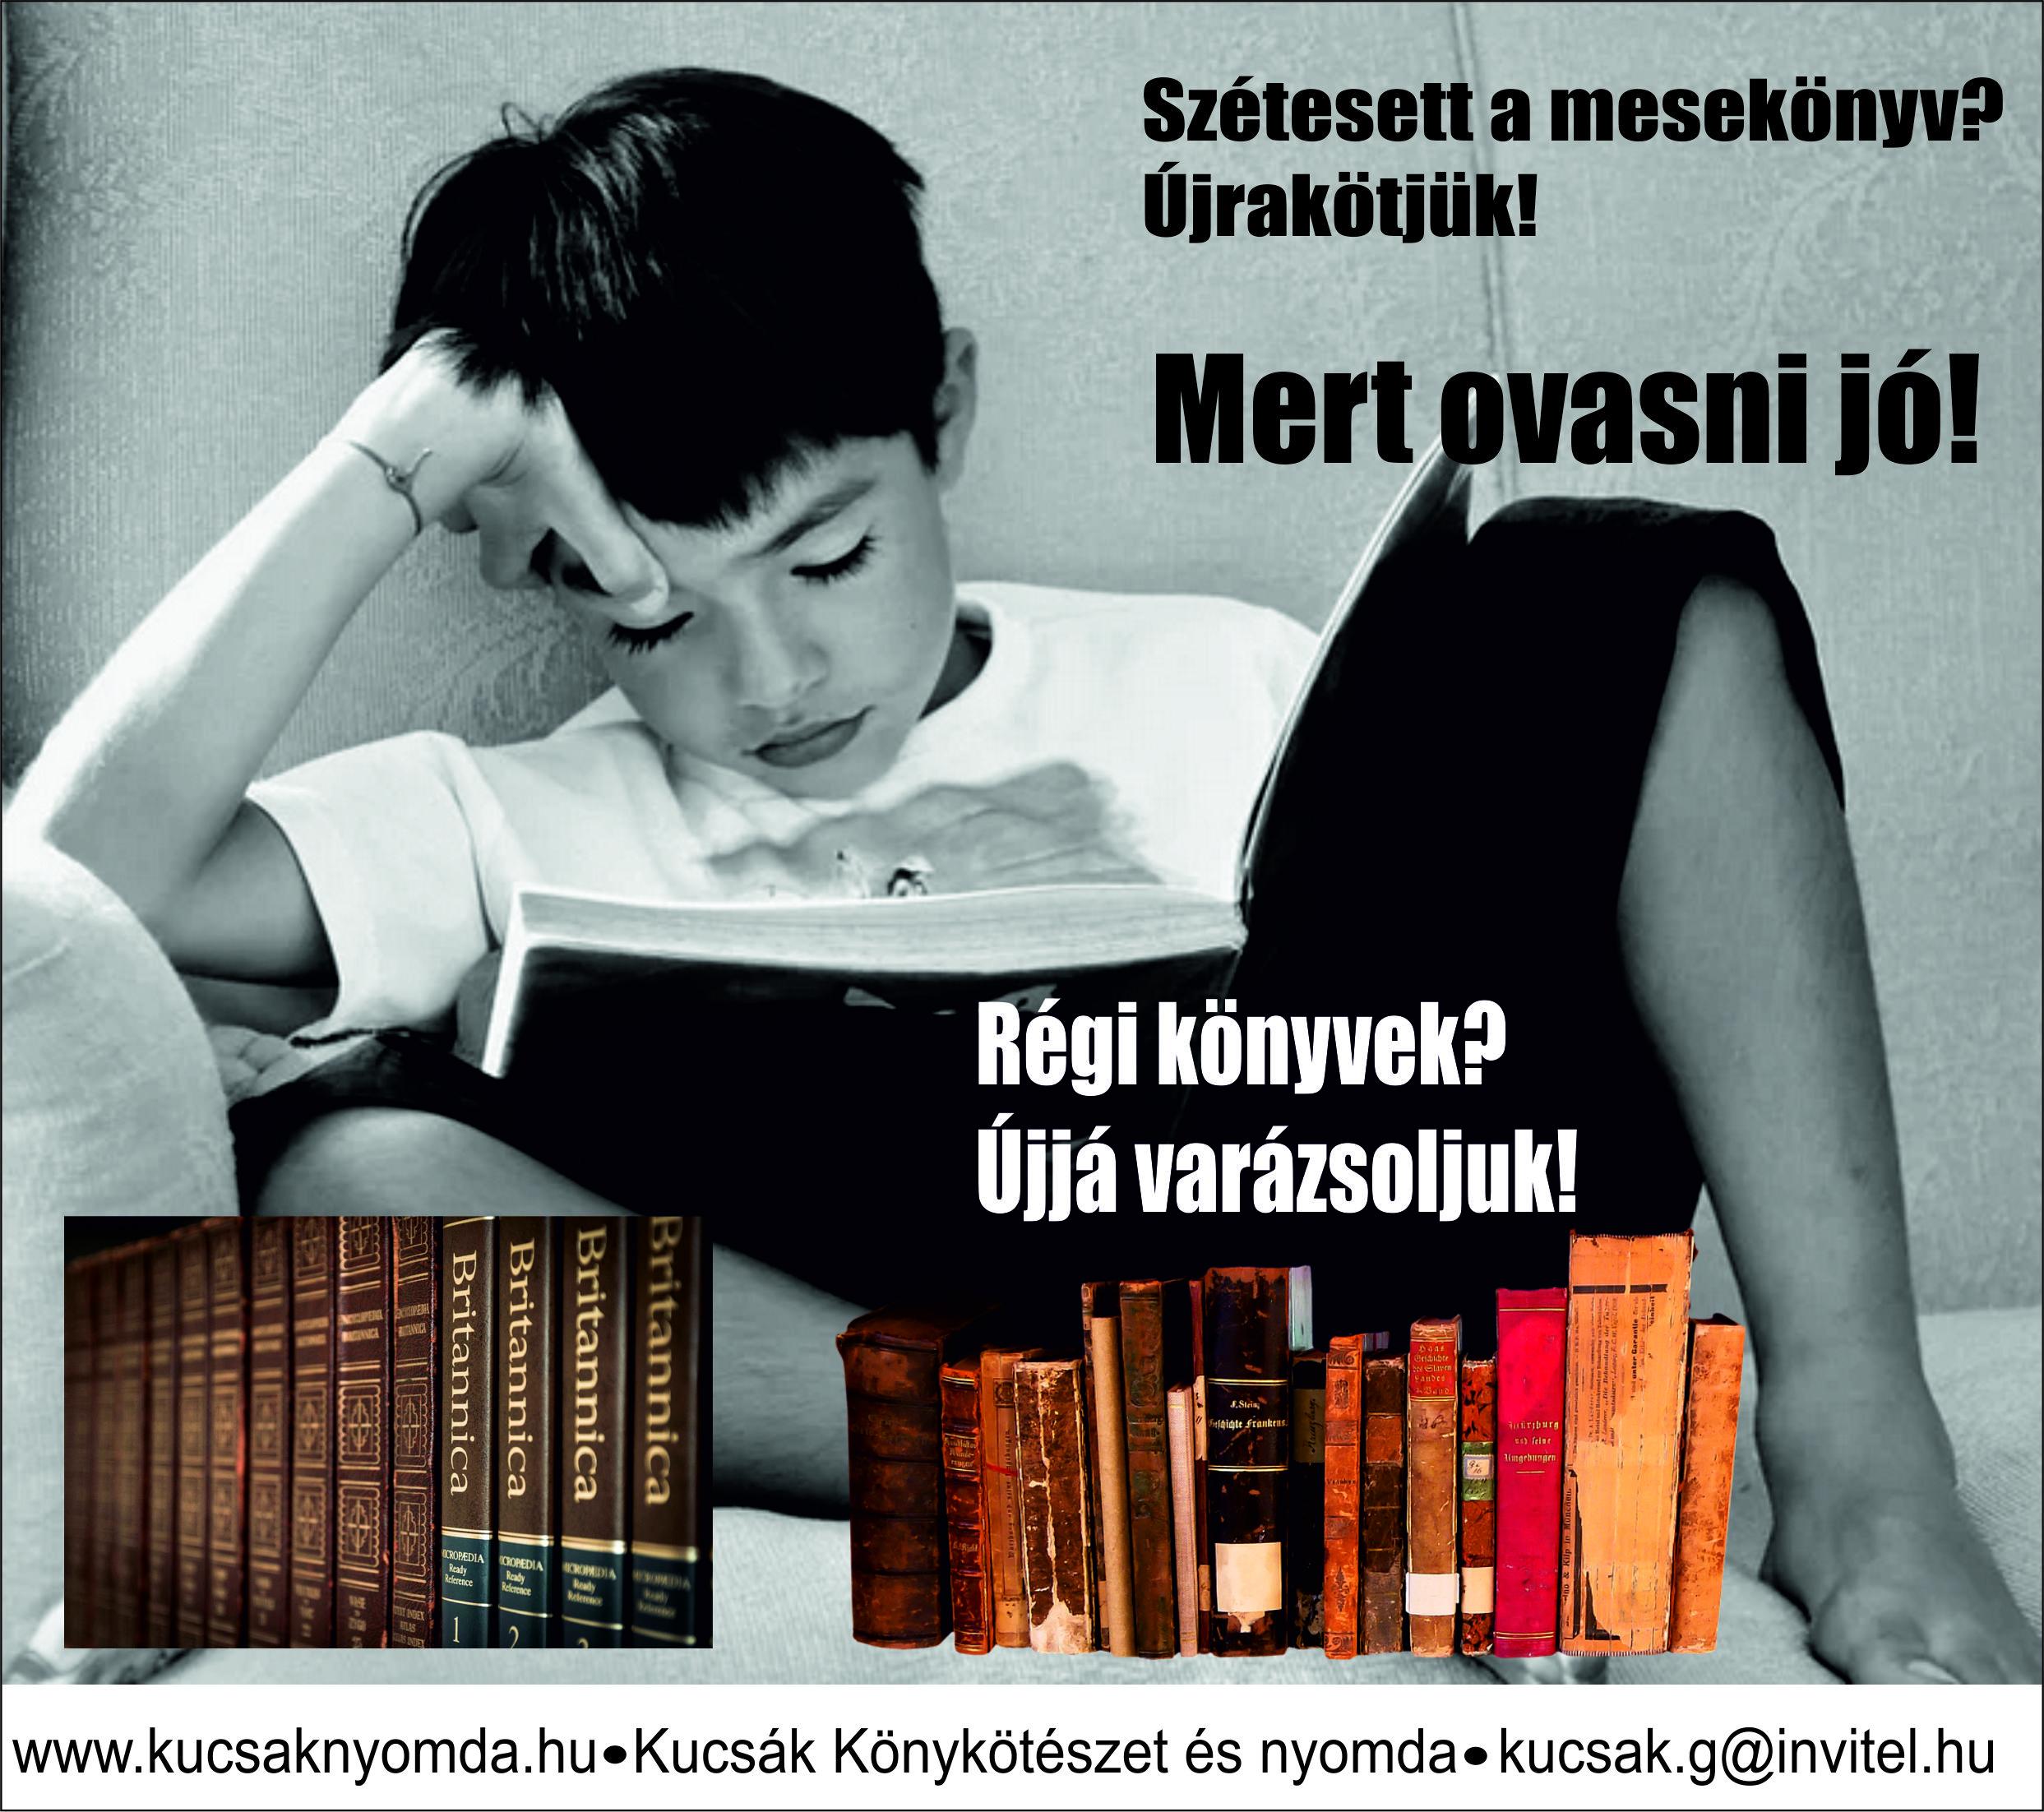 Köttessen könyvet!